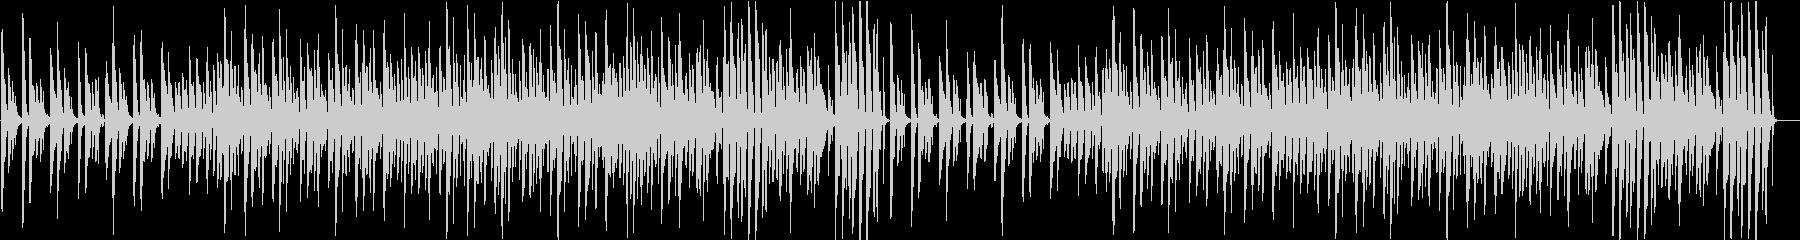 CM流行サウンドのライトアコースティックの未再生の波形